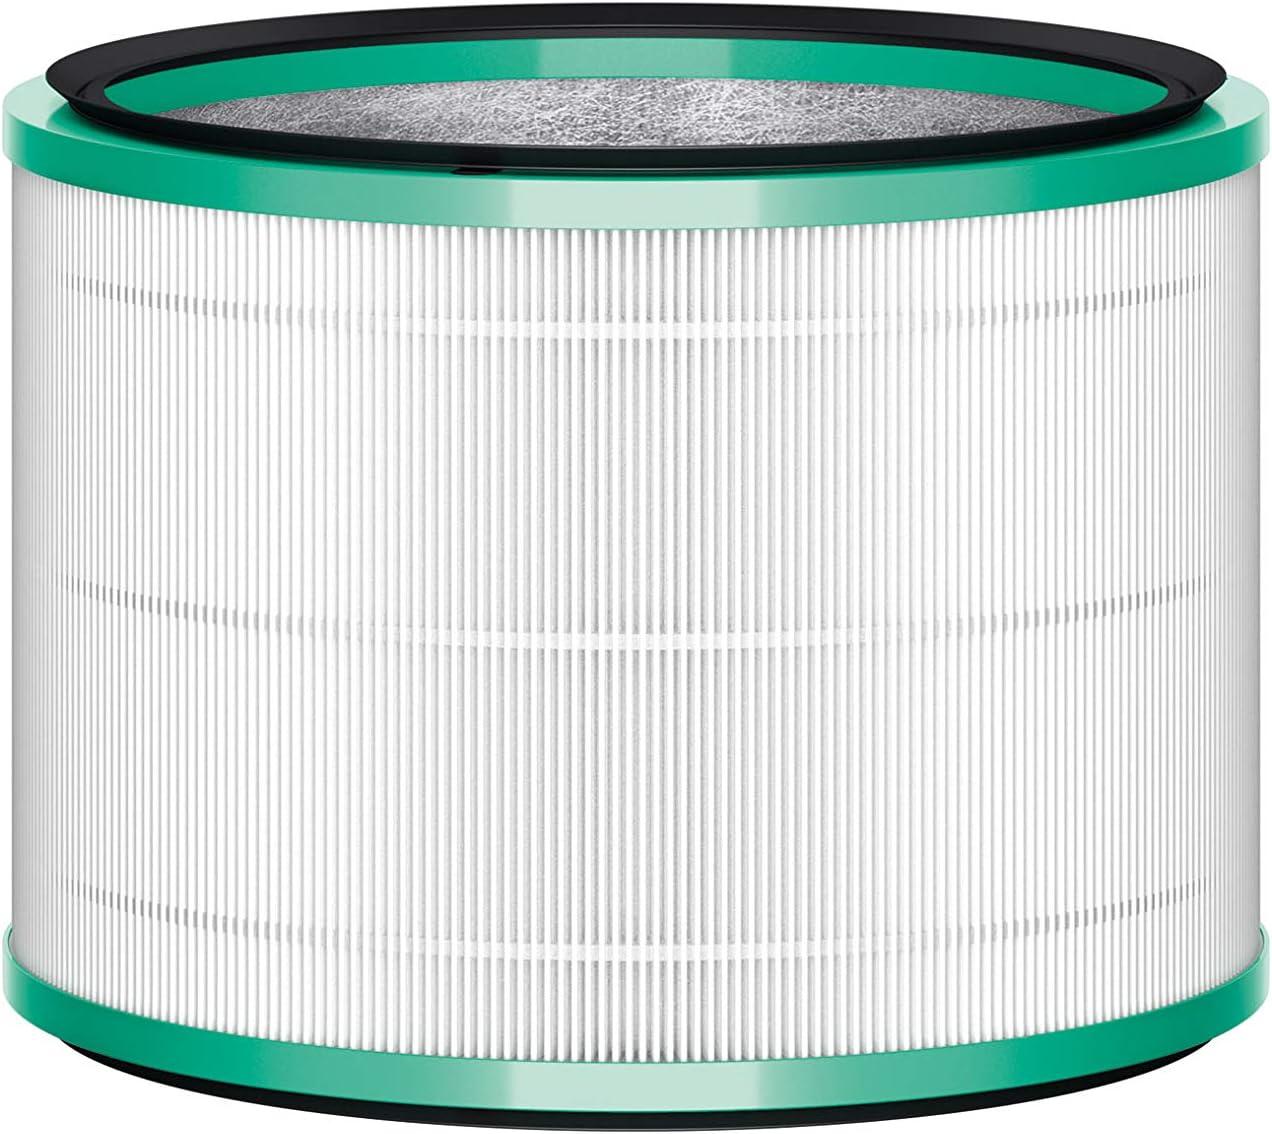 Dyson 968101 – 04 Evo para filtro purificador de aire mesa Pure Hot + Cool Link purificador de aire: Amazon.es: Bricolaje y herramientas